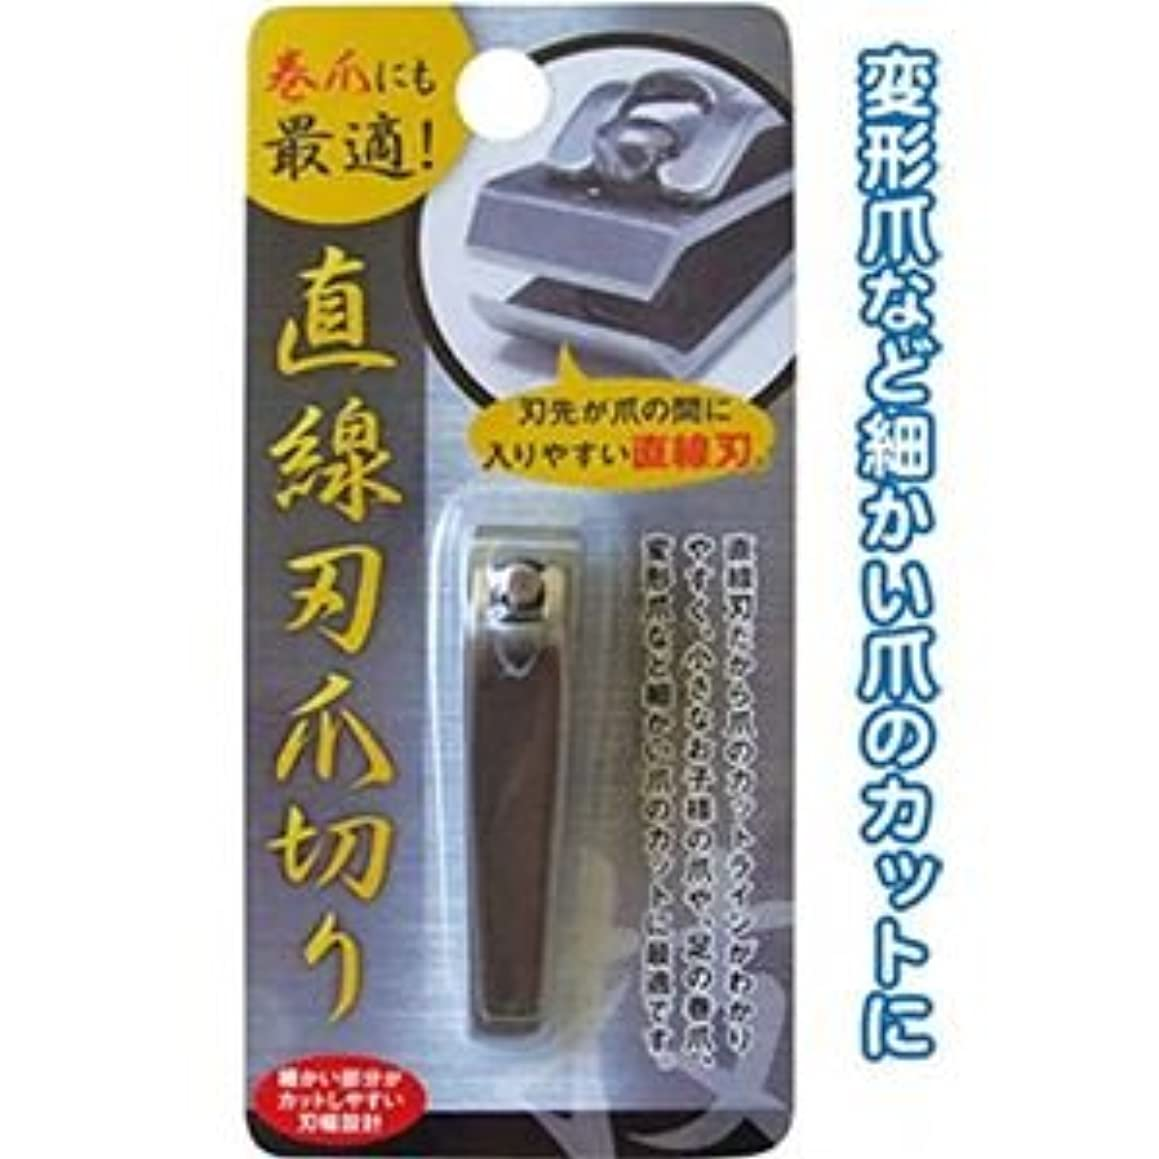 巻爪にも最適!直線刃ステンレス爪切り 【12個セット】 18-601